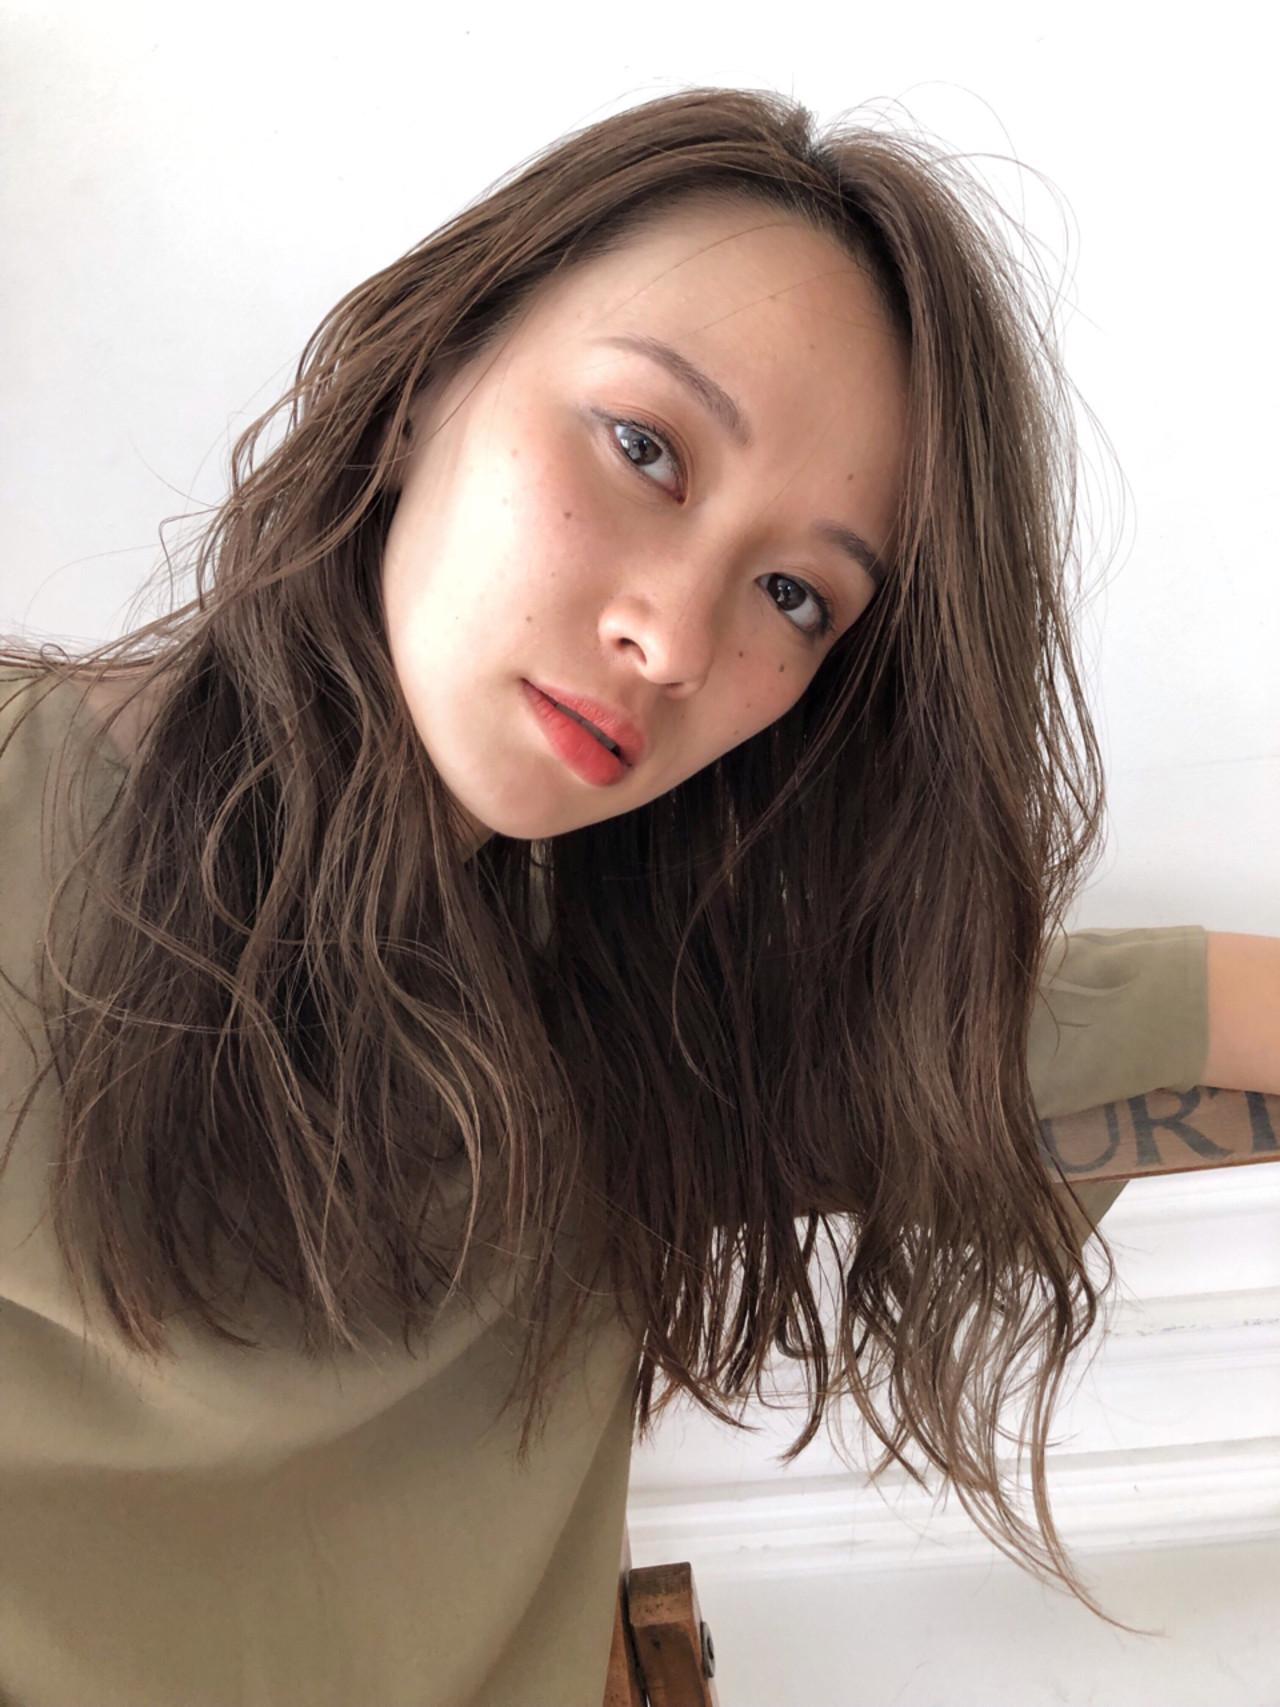 アンニュイ ナチュラル セミロング ハイライト ヘアスタイルや髪型の写真・画像 | スガ シュンスケ / Tierra (ティエラ)